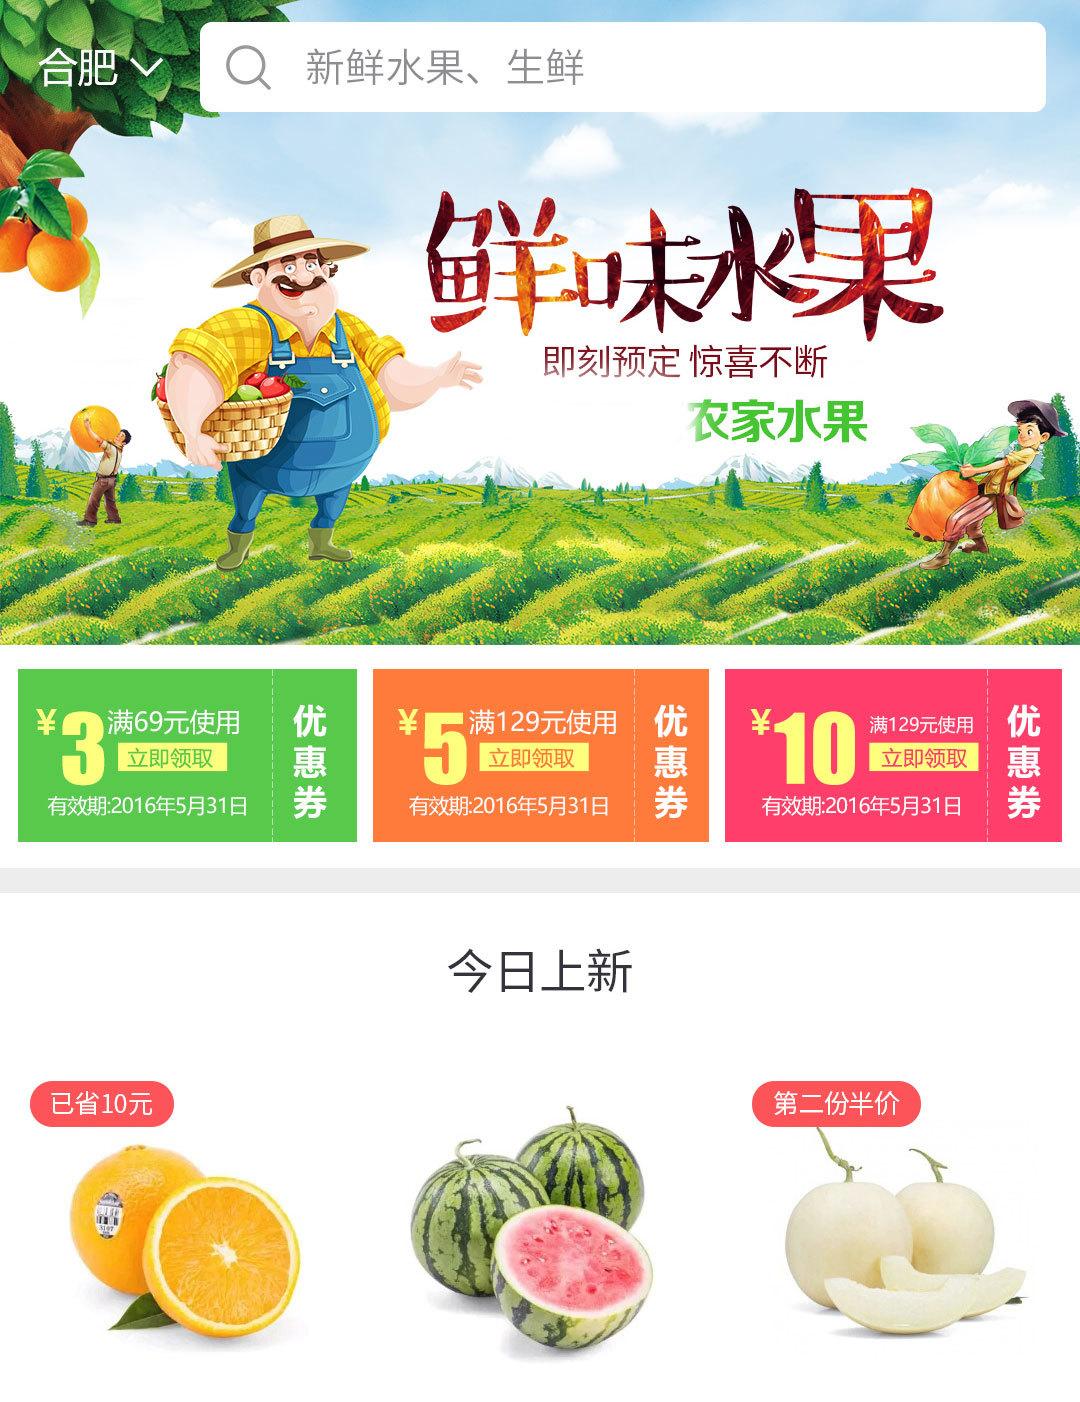 生鲜水果微商城建设|生鲜水果门店O2O商城制作|生鲜水果企业商城